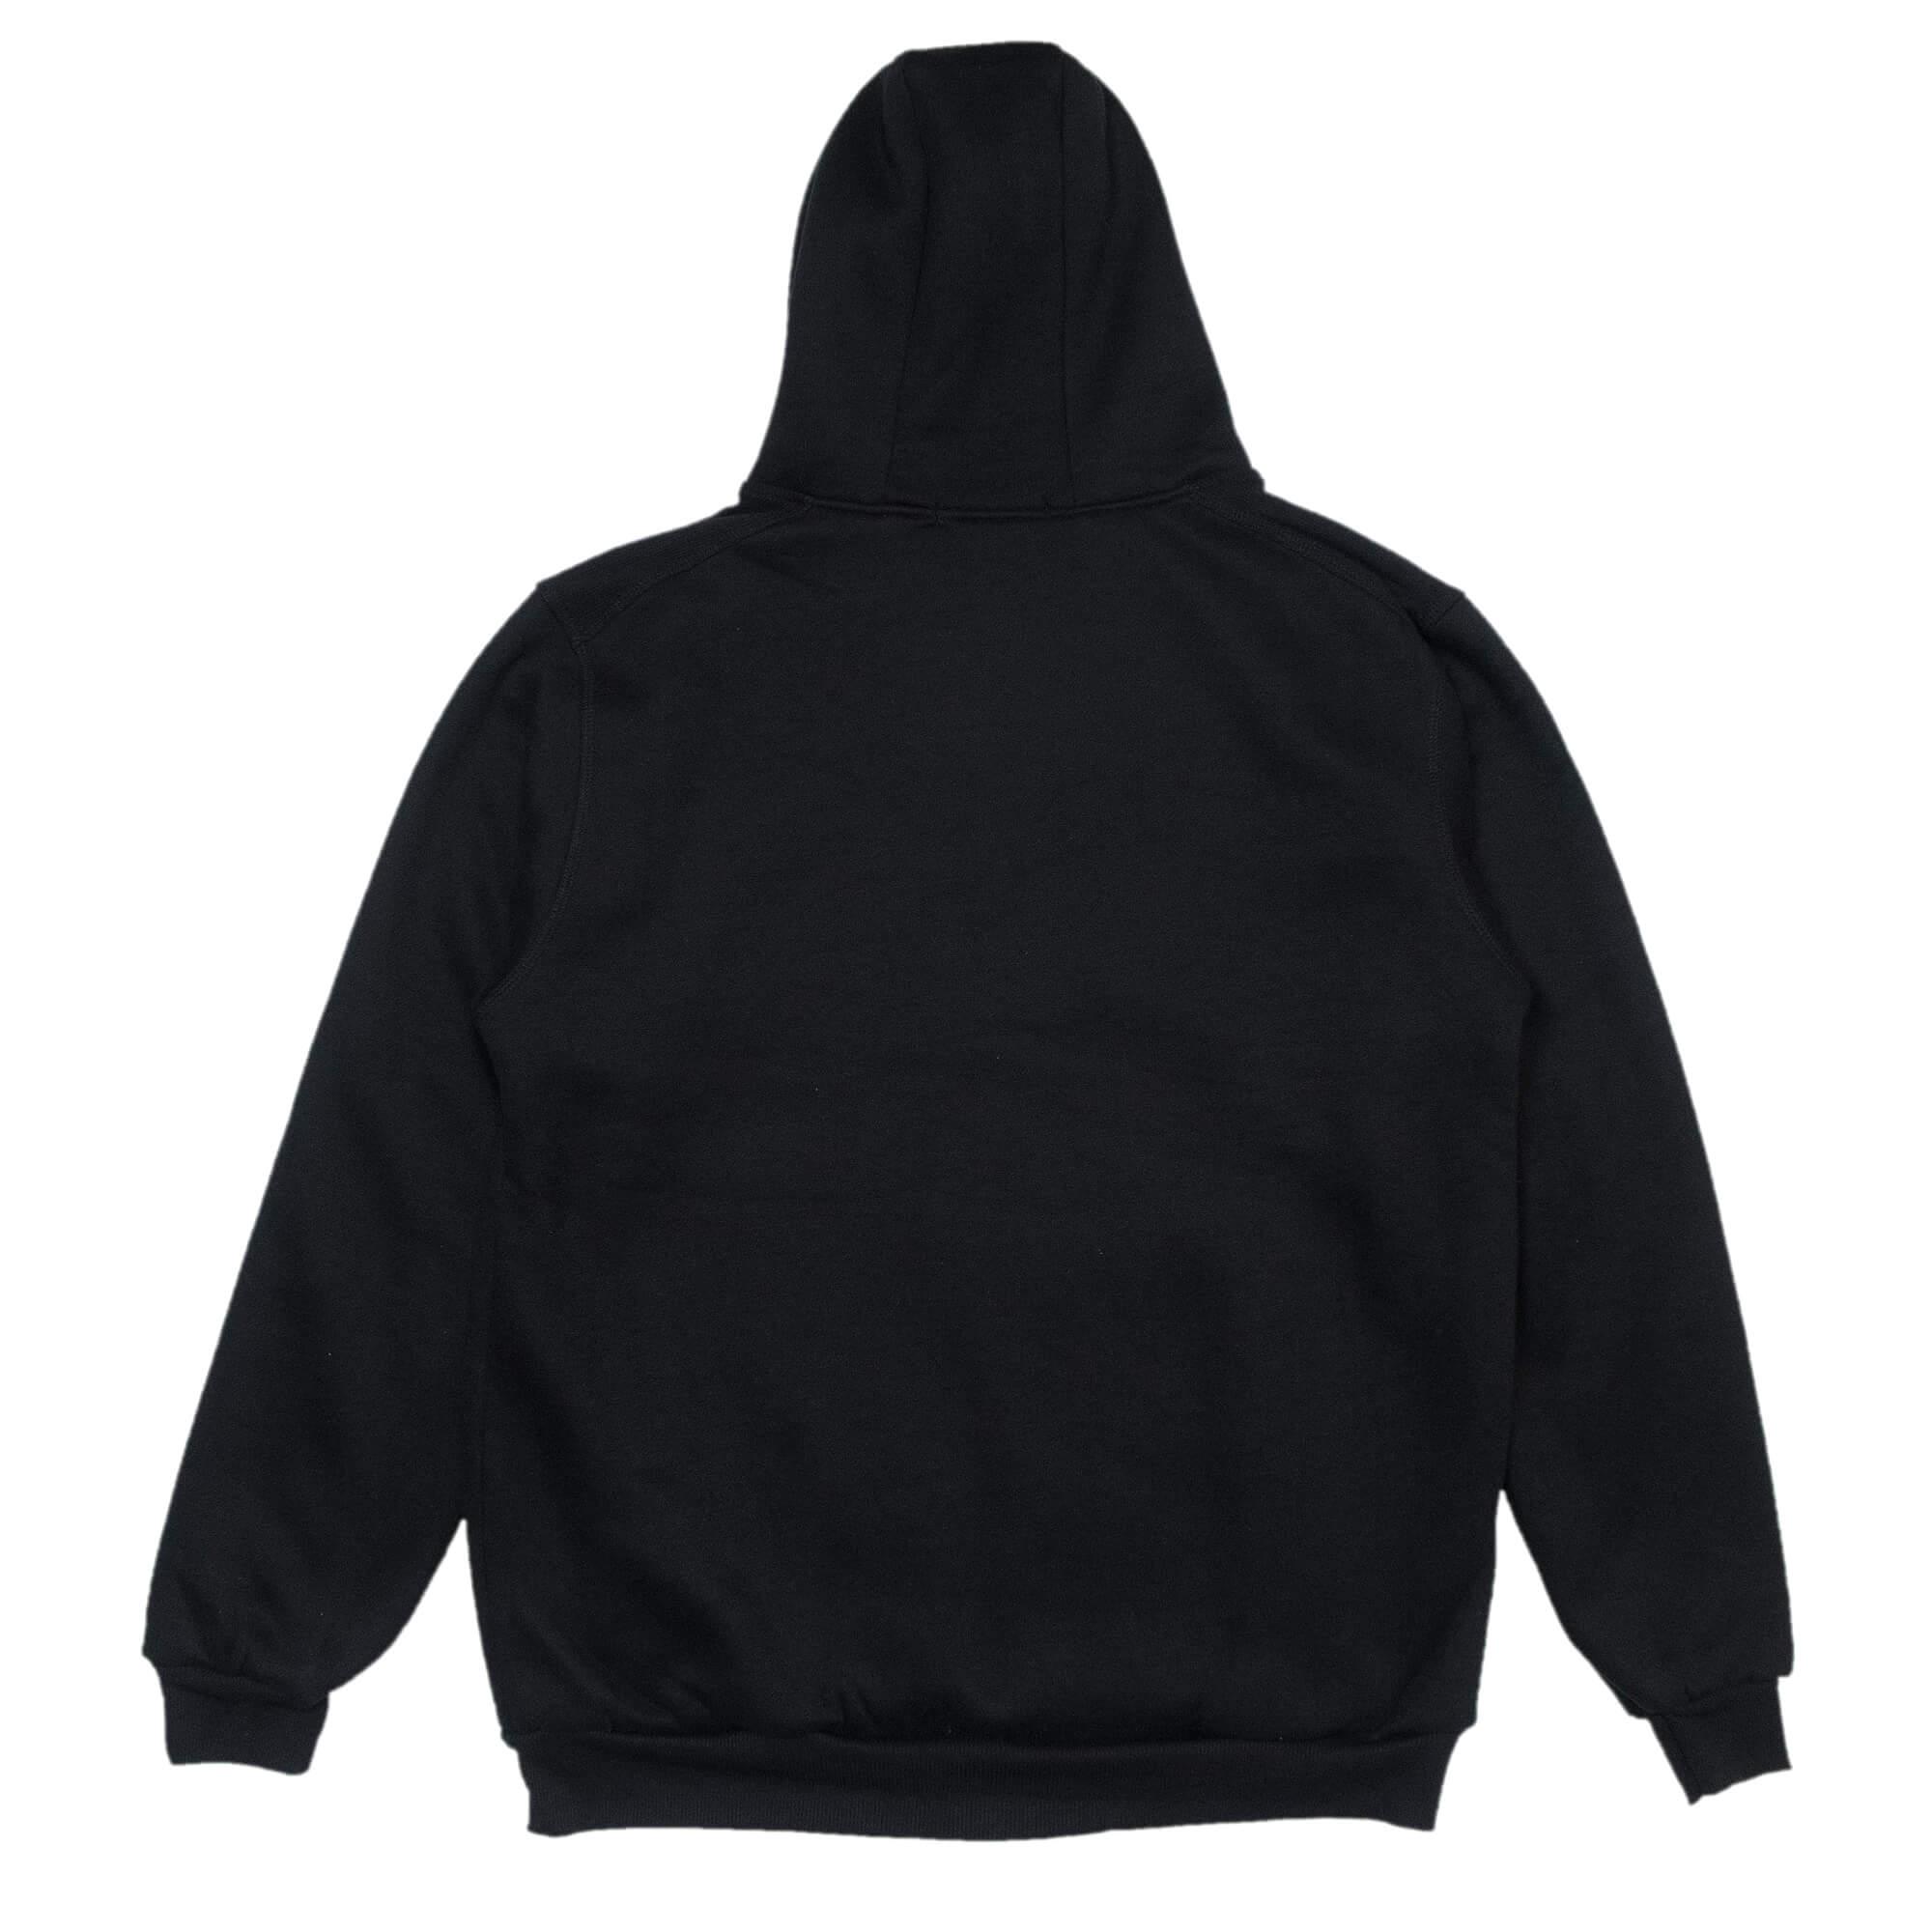 厚刷毛外套 保暖外套 連帽外套 夾克外套 休閒外套 黑色外套 Fleece Jackets Warm Jackets Casual Jackets Men's Jackets (312-2801-21)黑色 單一尺寸 F 胸圍46英吋 (117公分) 男 [實體店面保障]sun-e 4